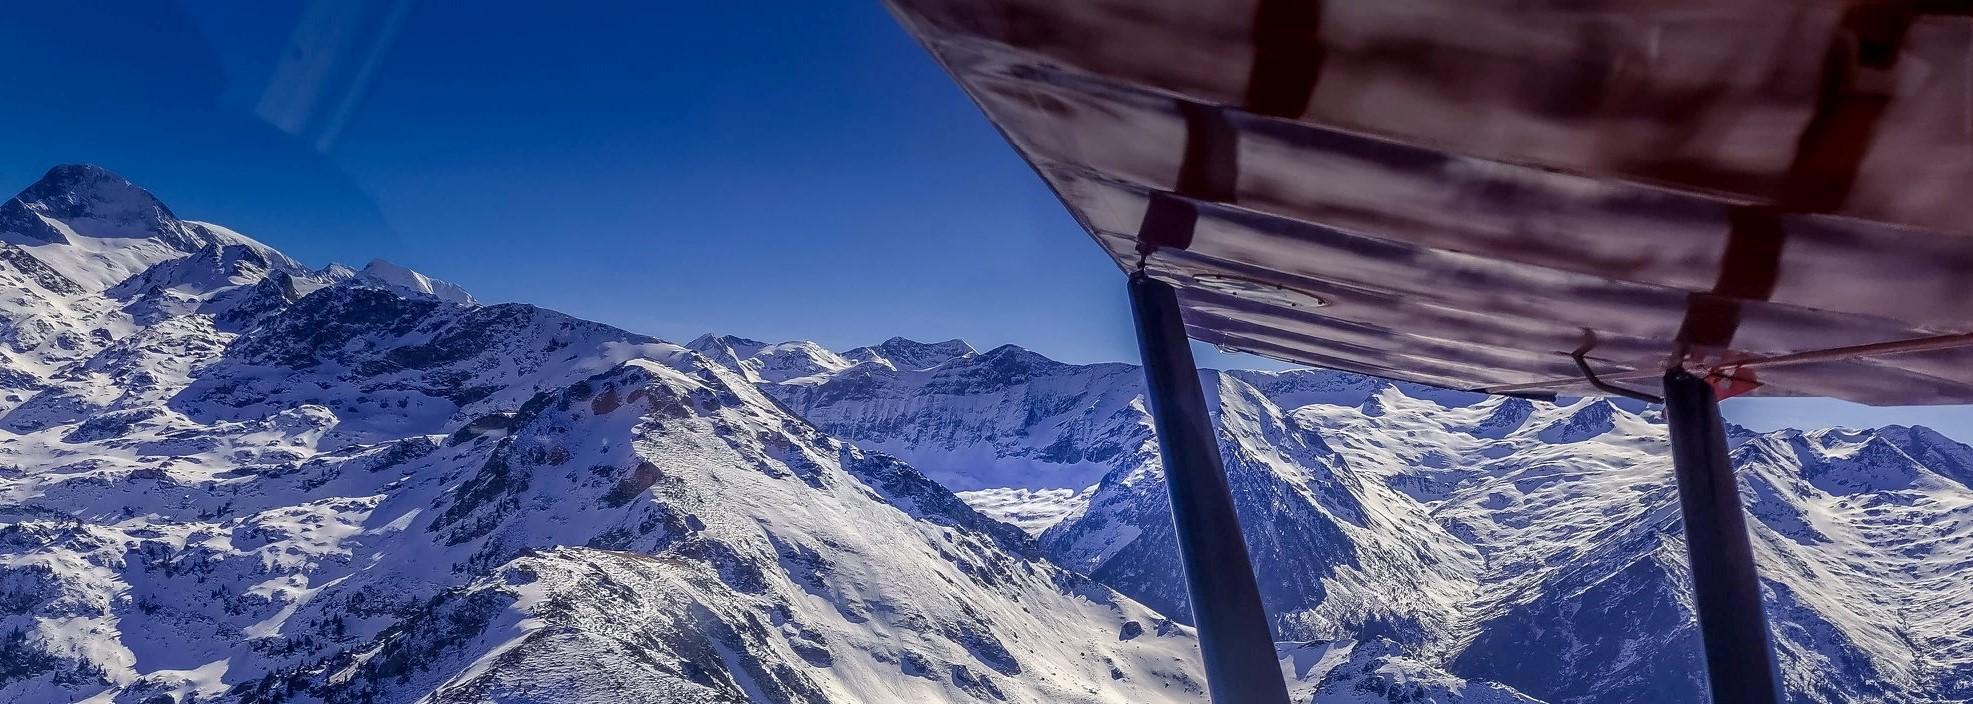 Luchtsport Pyreneeën